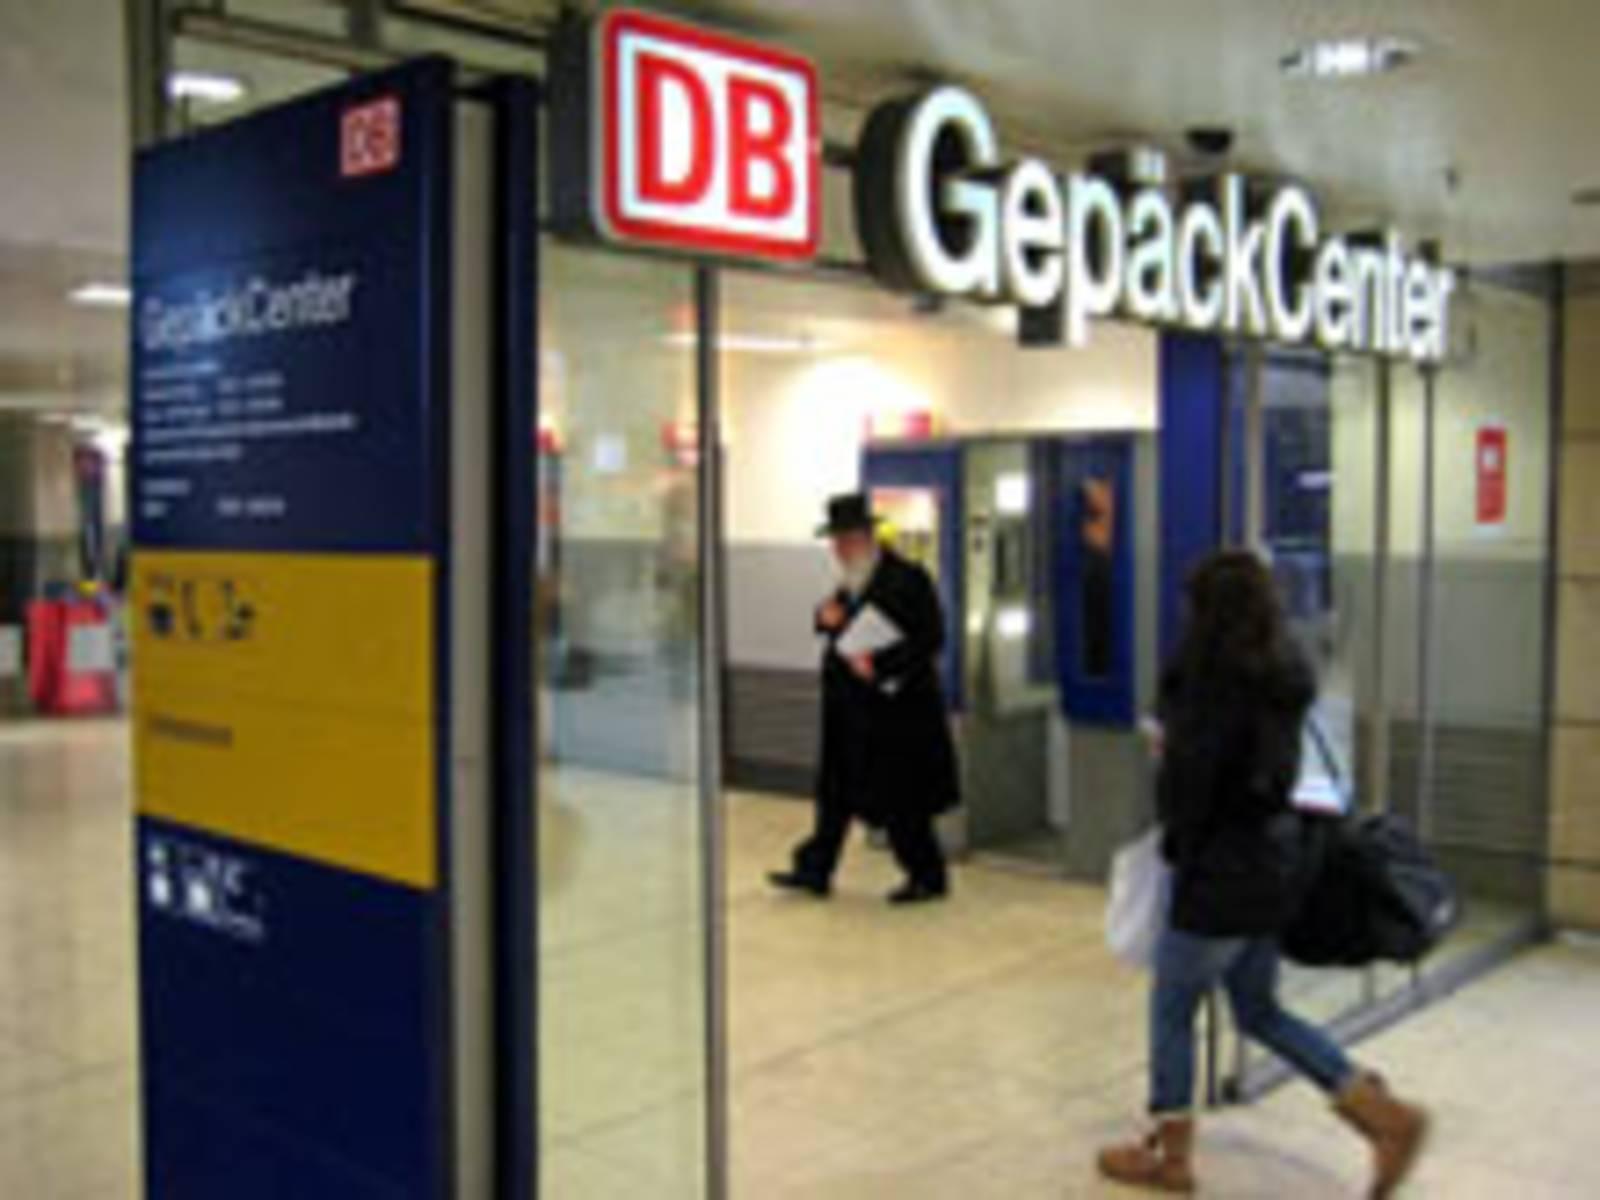 DB GepäckCenter